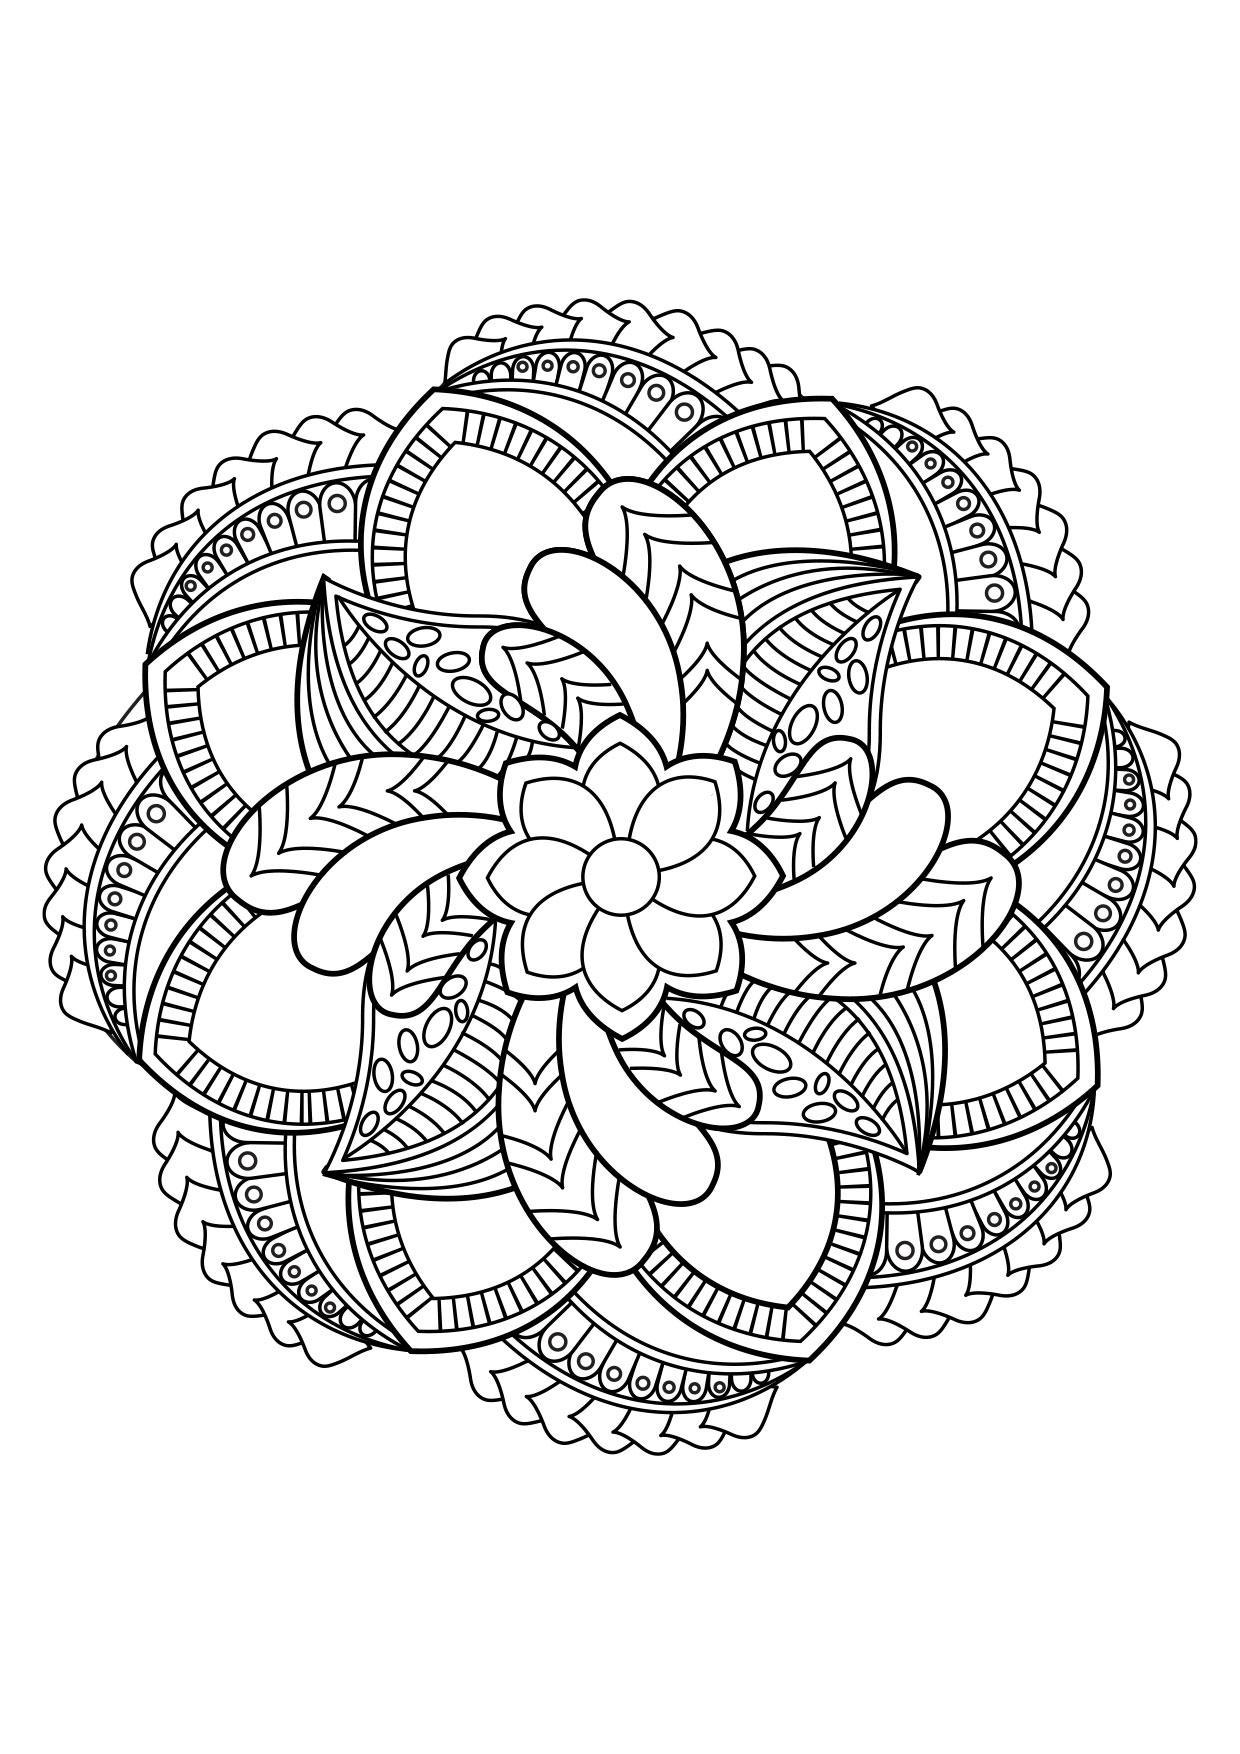 Coloriage Mandala - Coloriages Gratuits À Imprimer destiné Mandala Coloriage